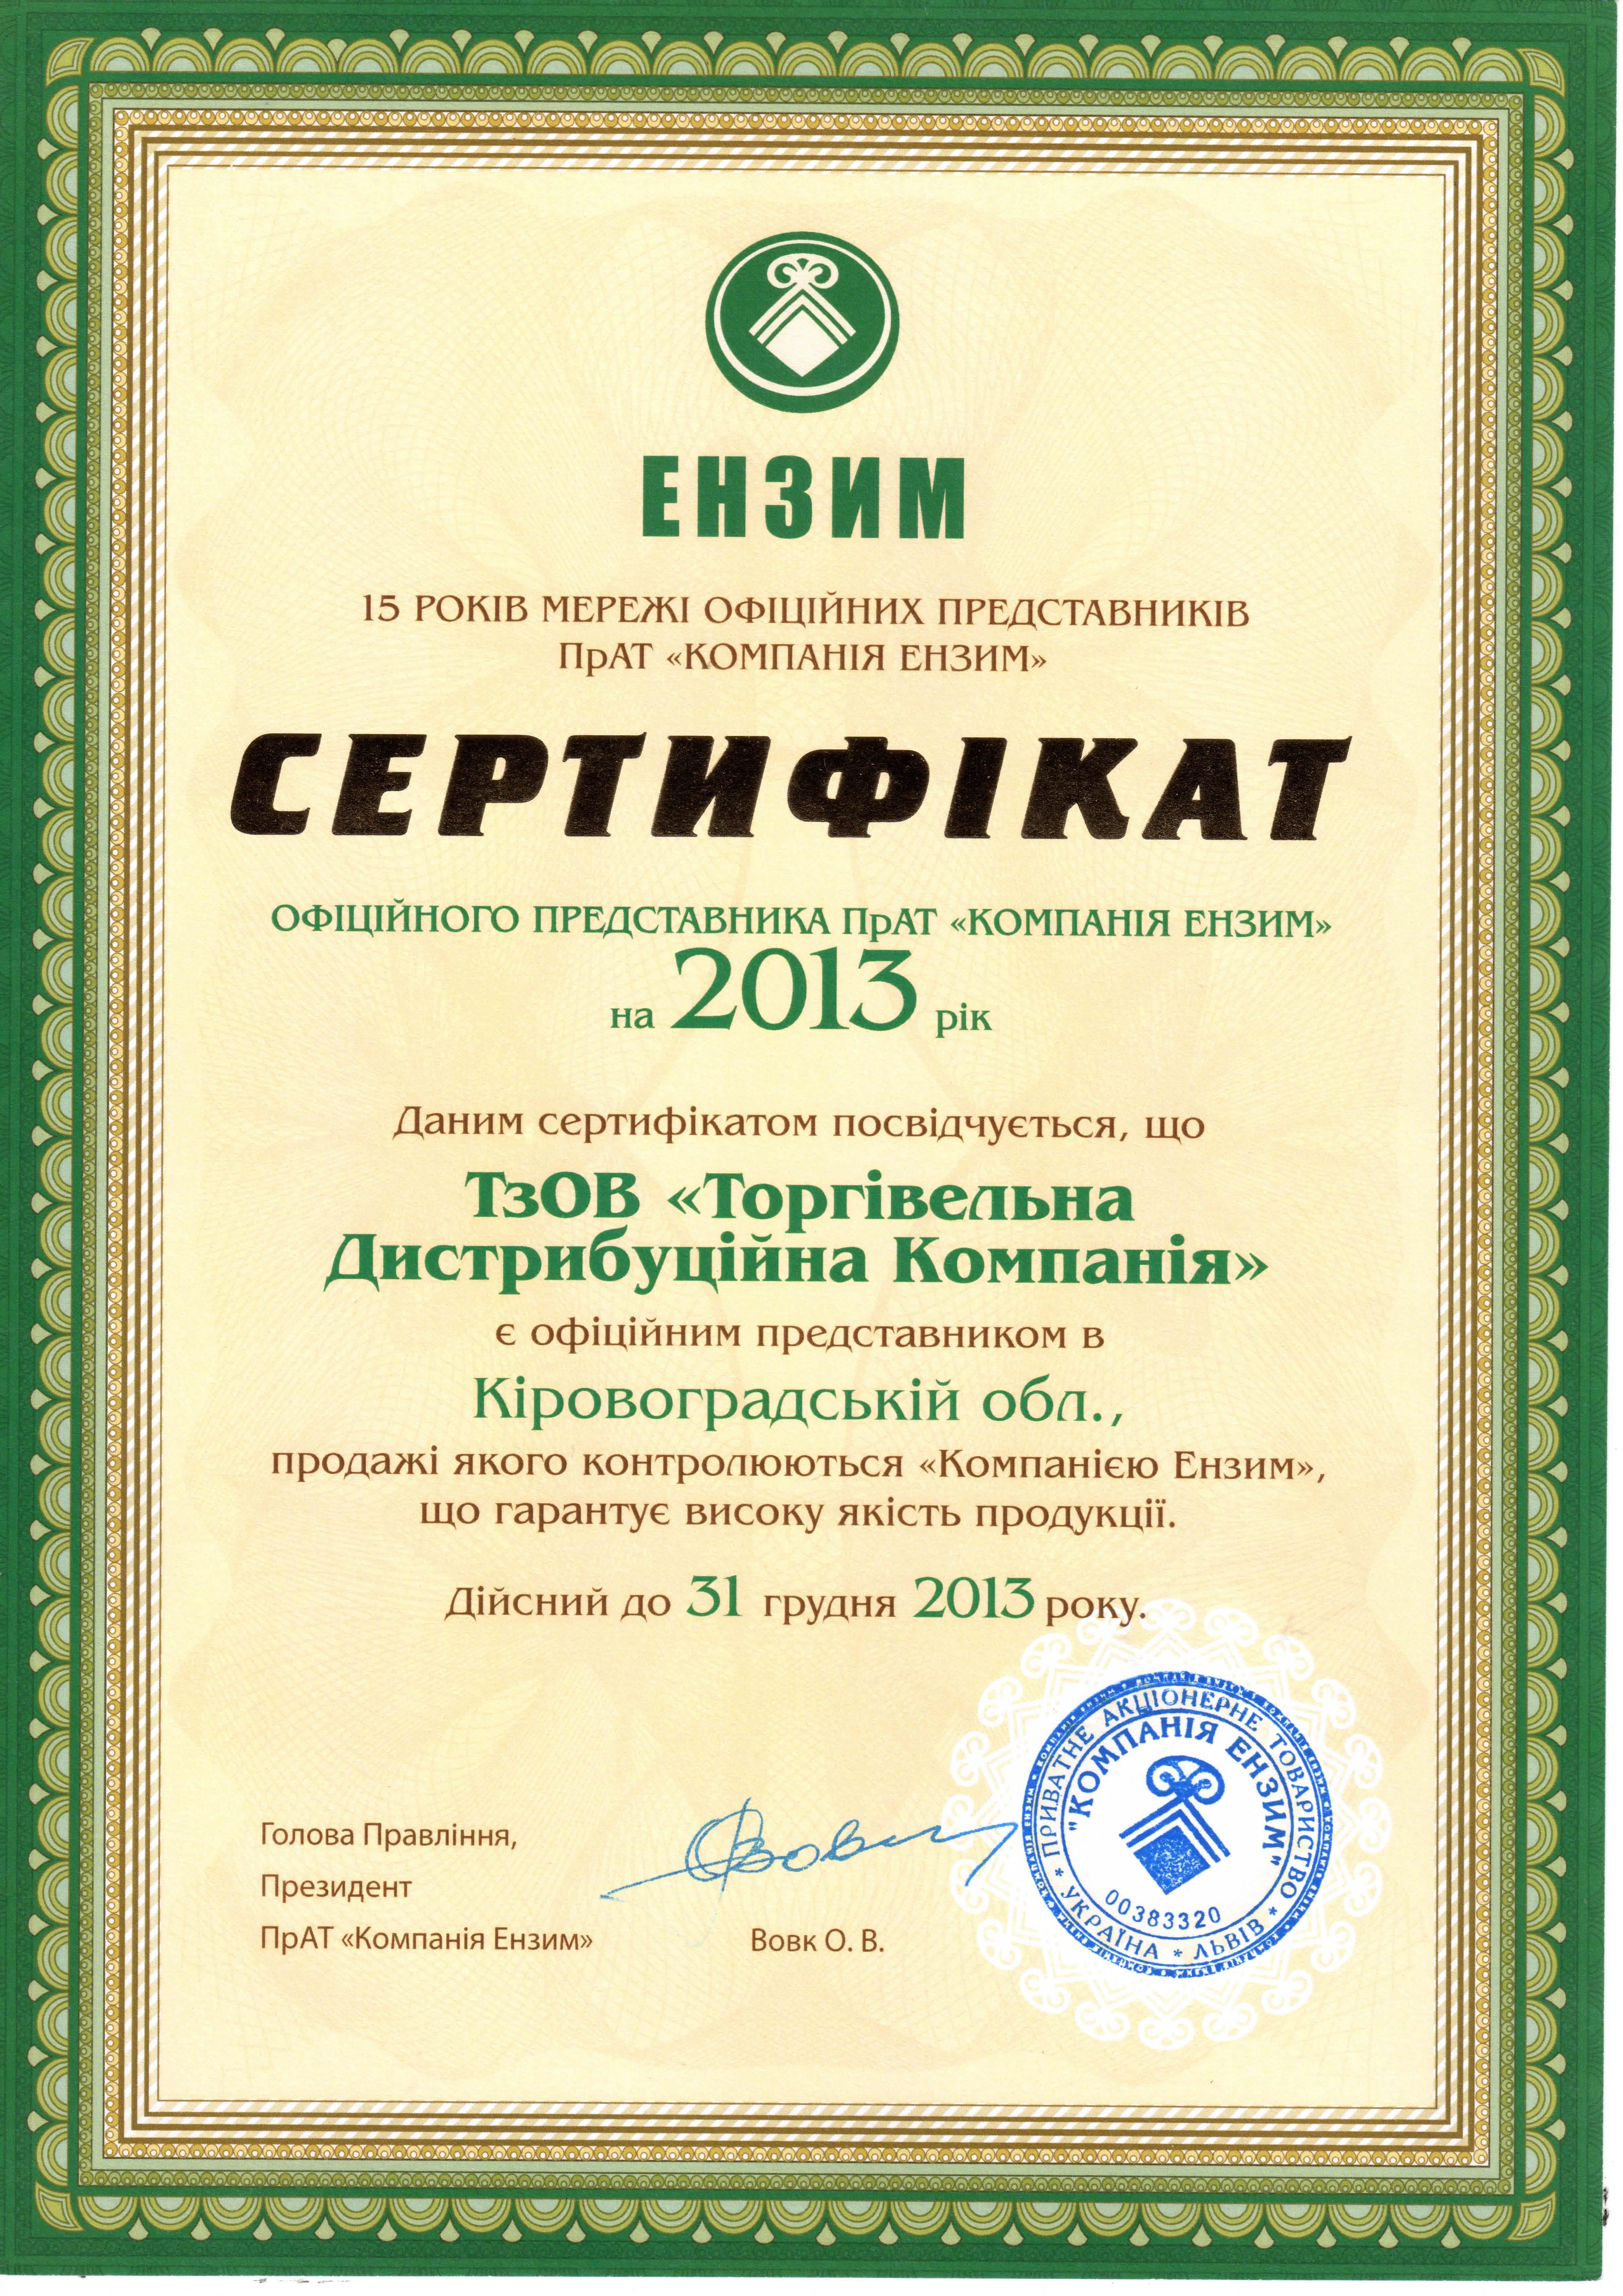 Сертификат Ензим